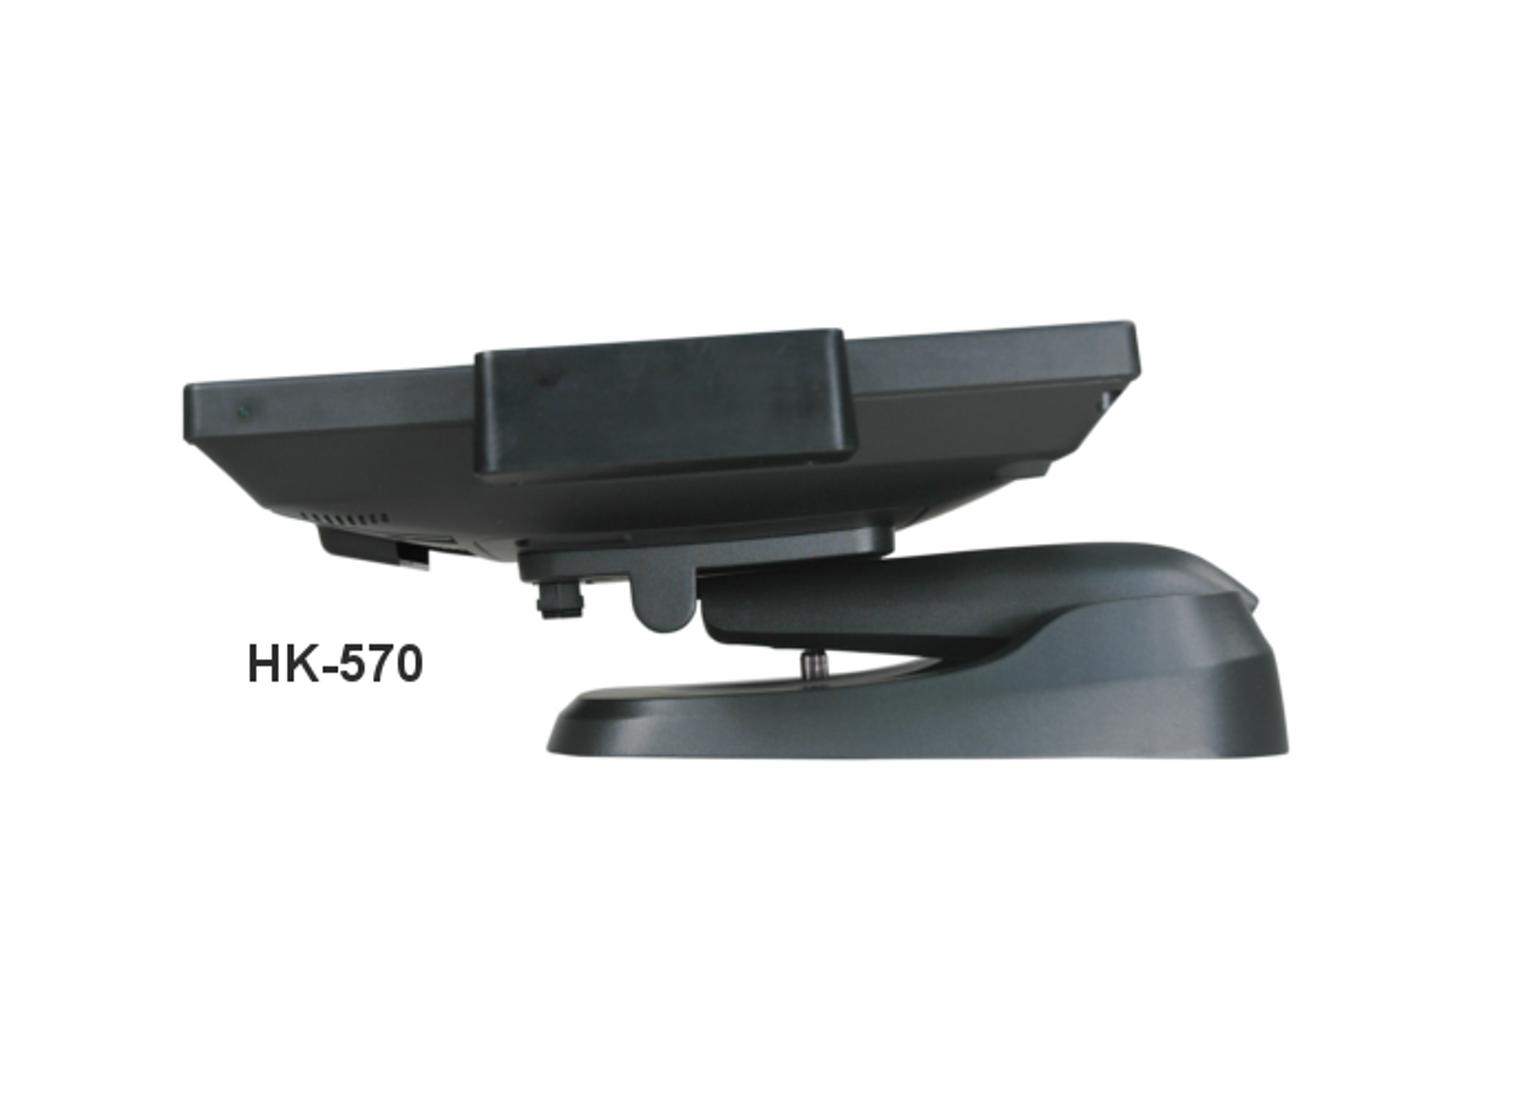 HK-570 (Flat)